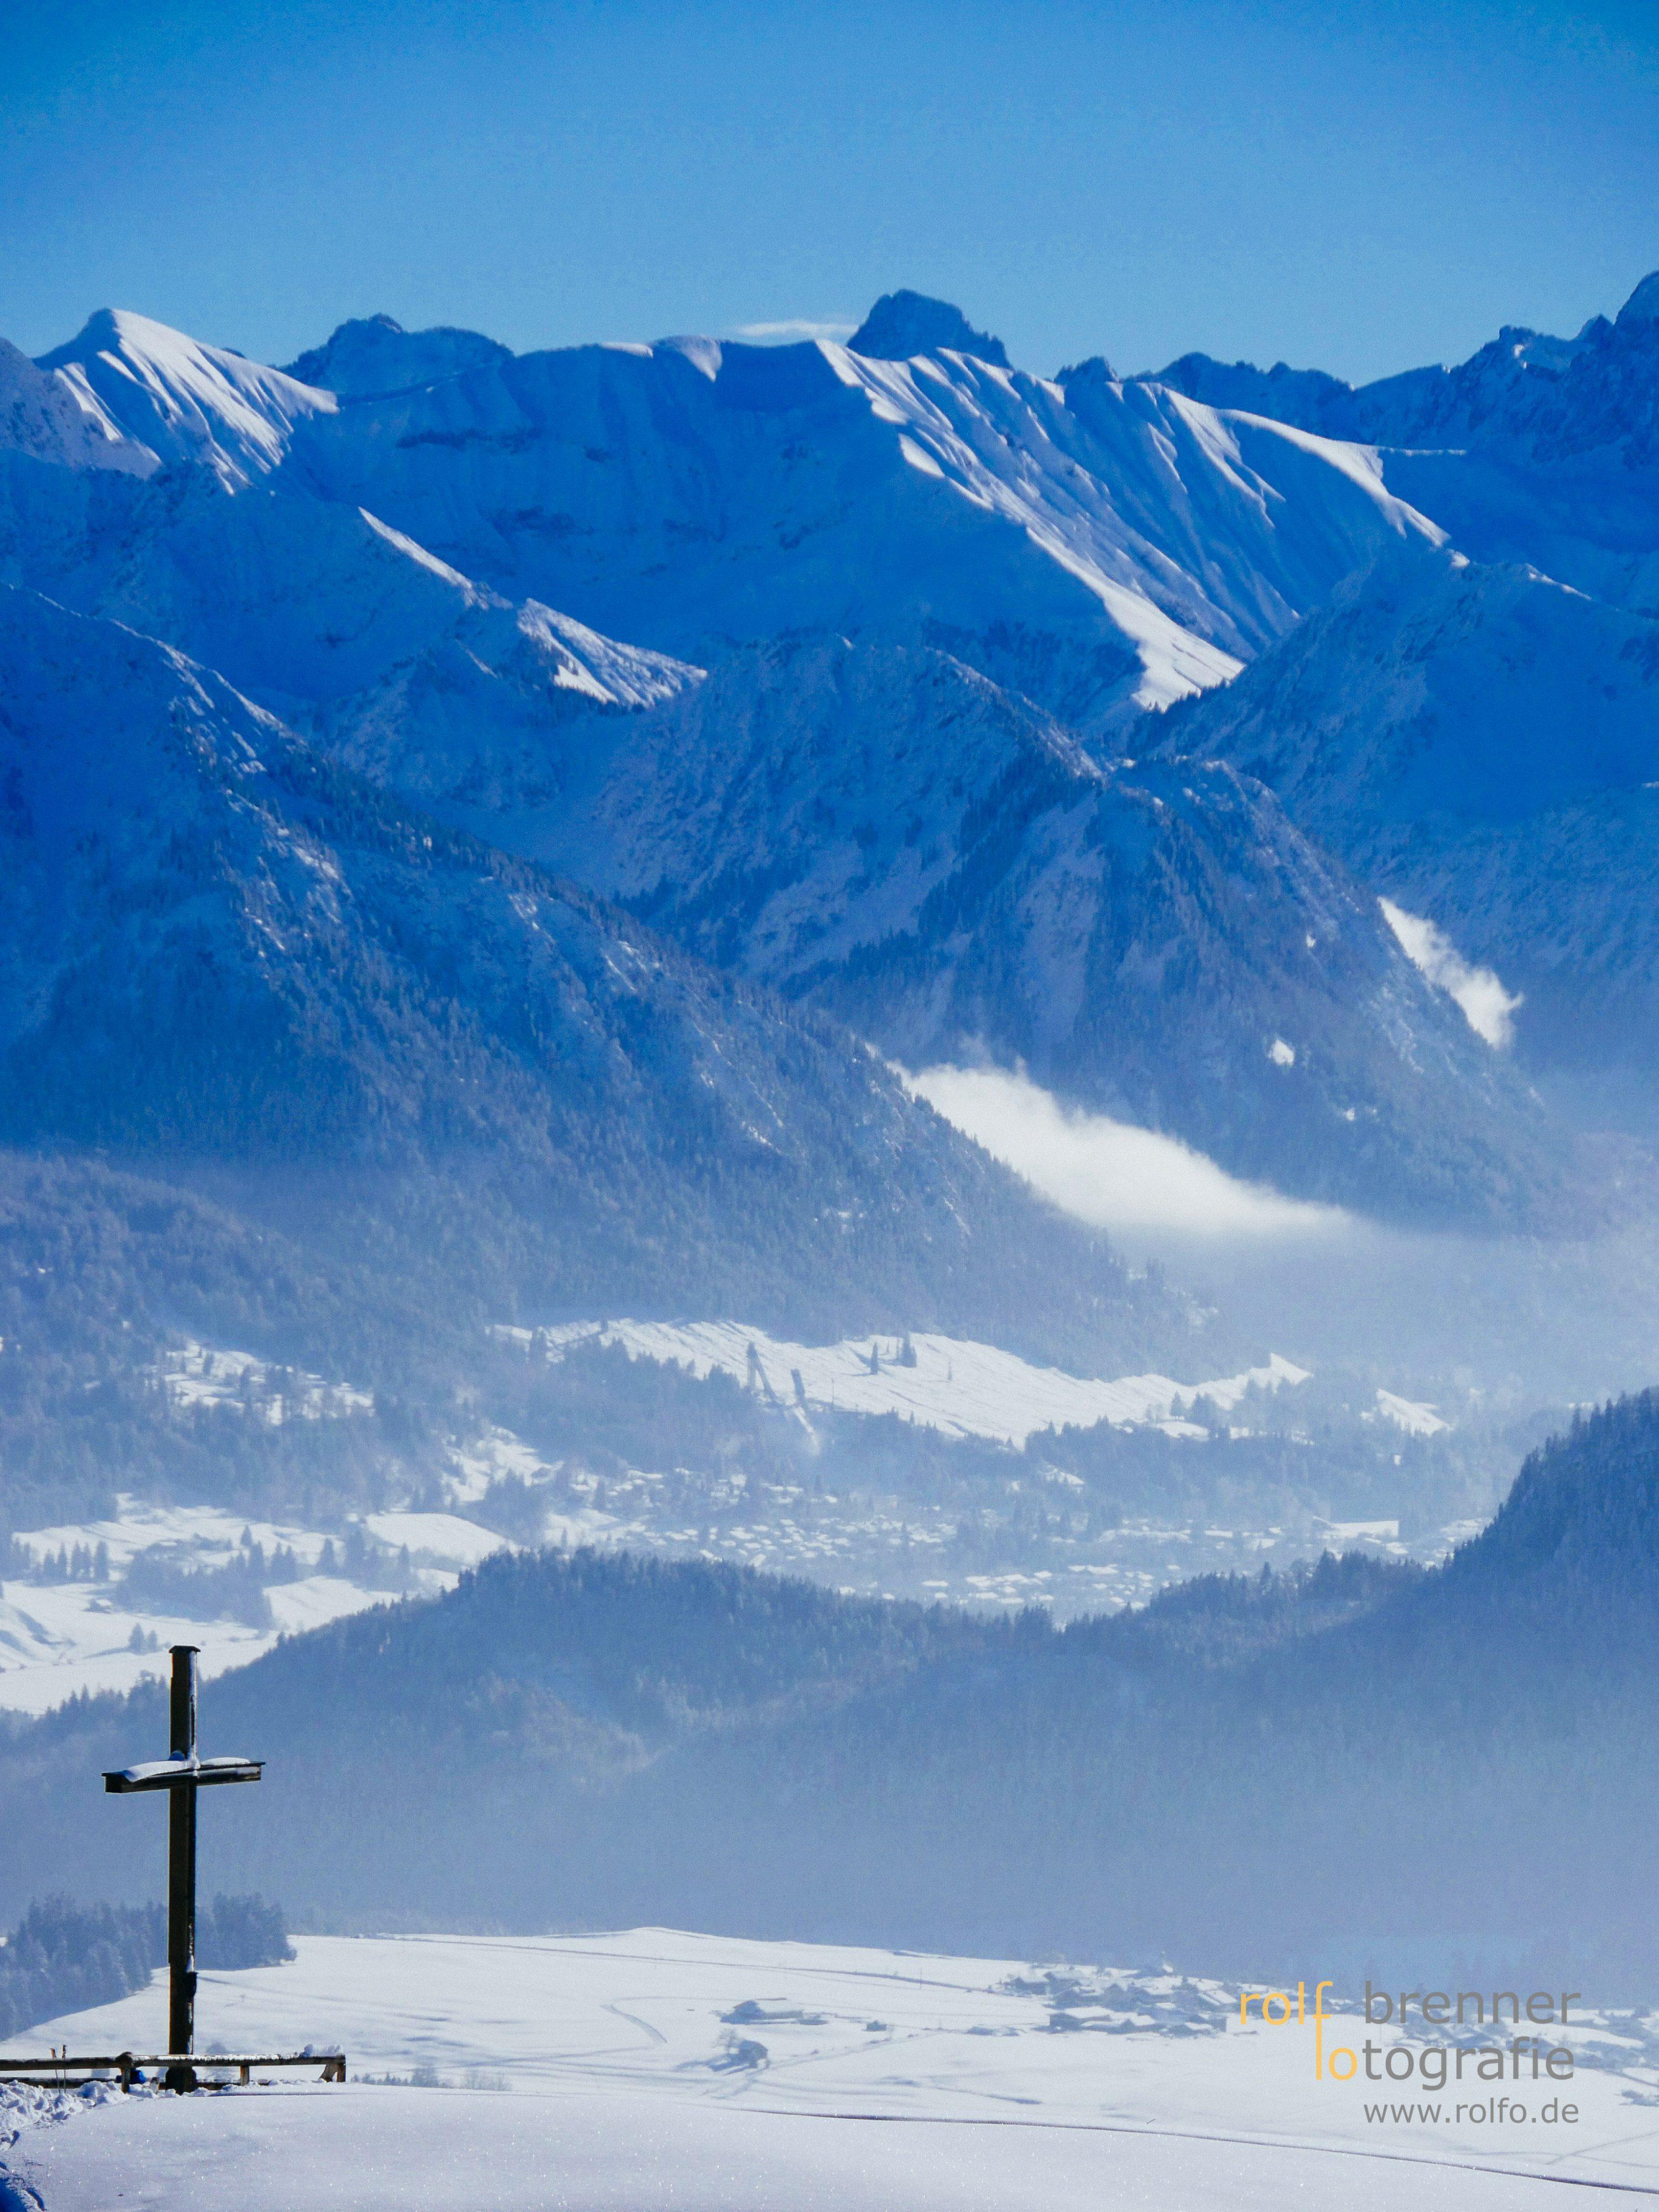 Die Allgäuer Alpen im Winter